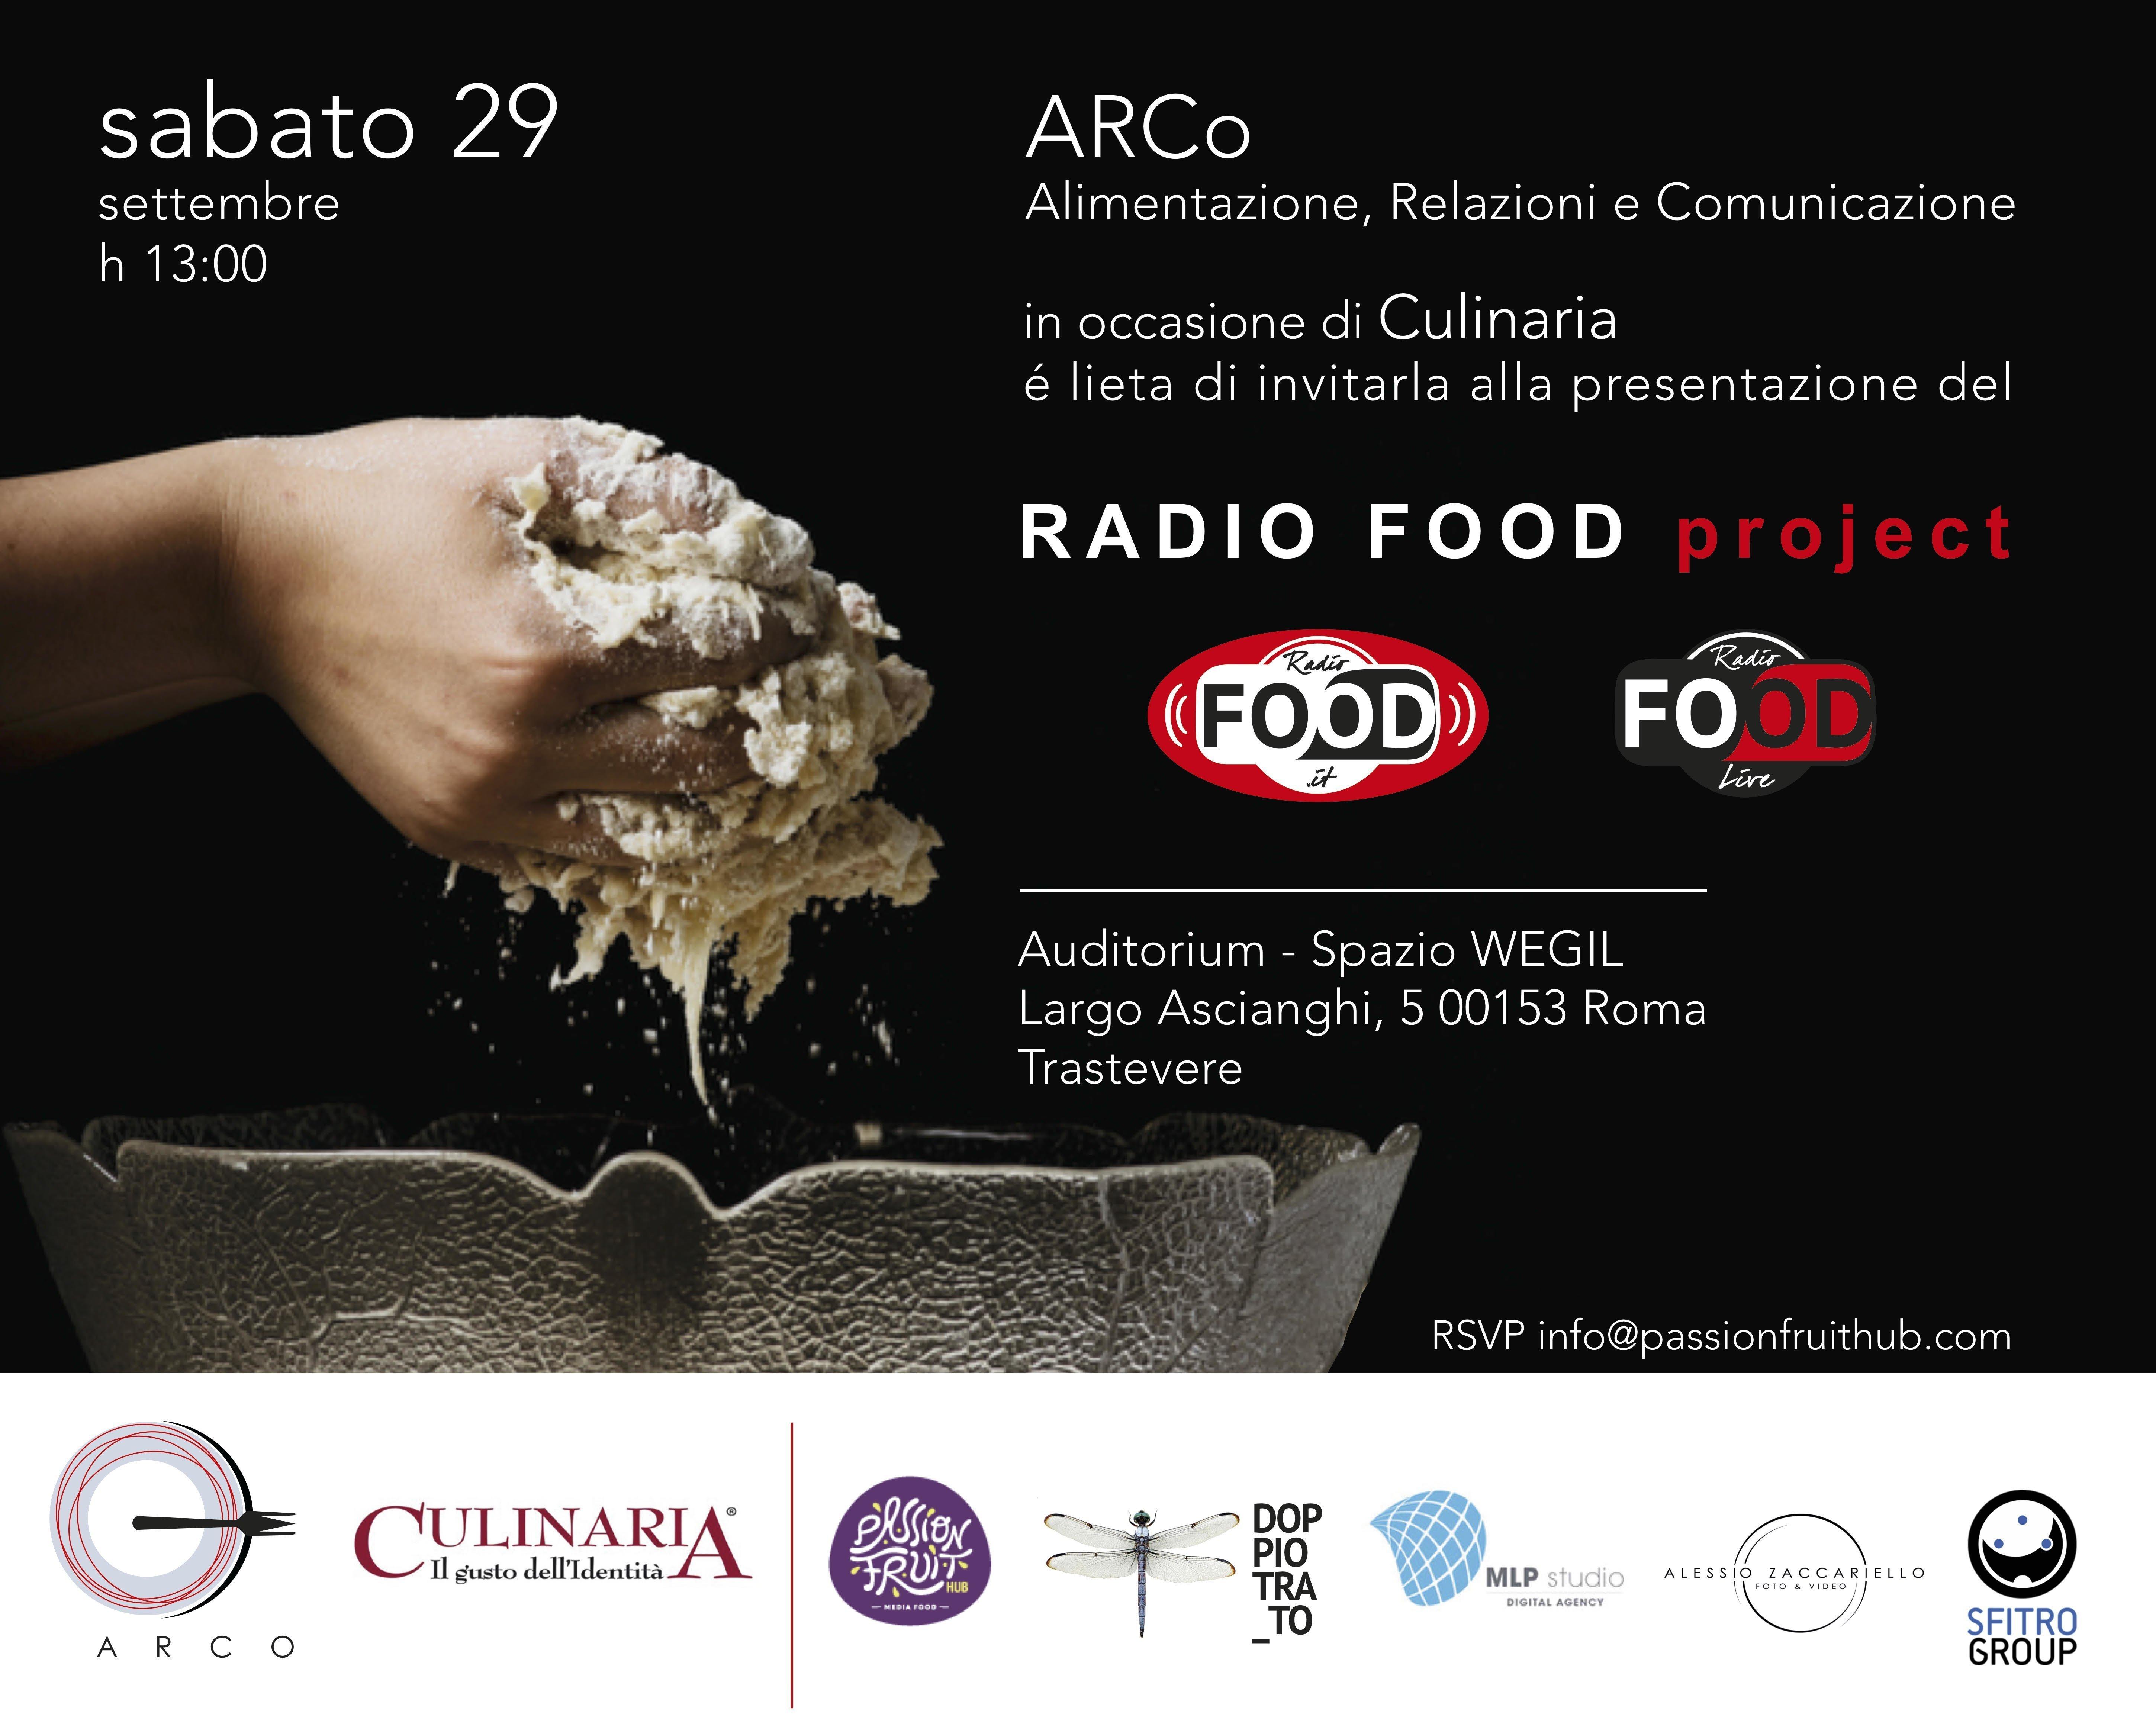 Presentazione presso evento Culinaria